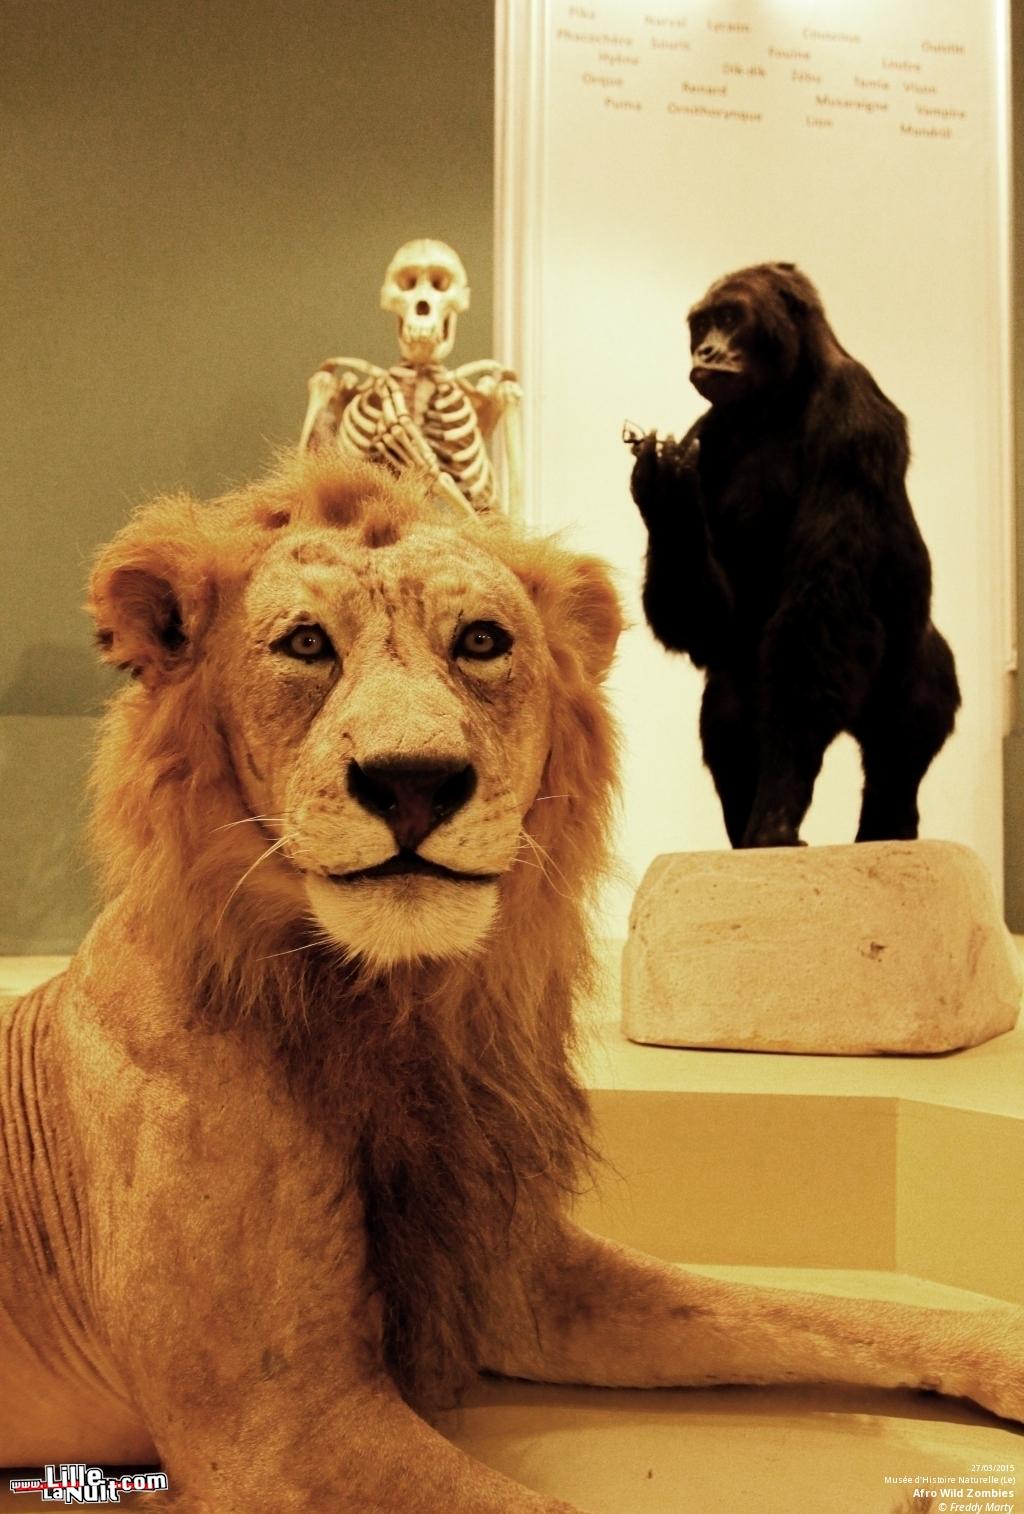 Ce dimanche 5 avril 2015, les musées sont gratuits !